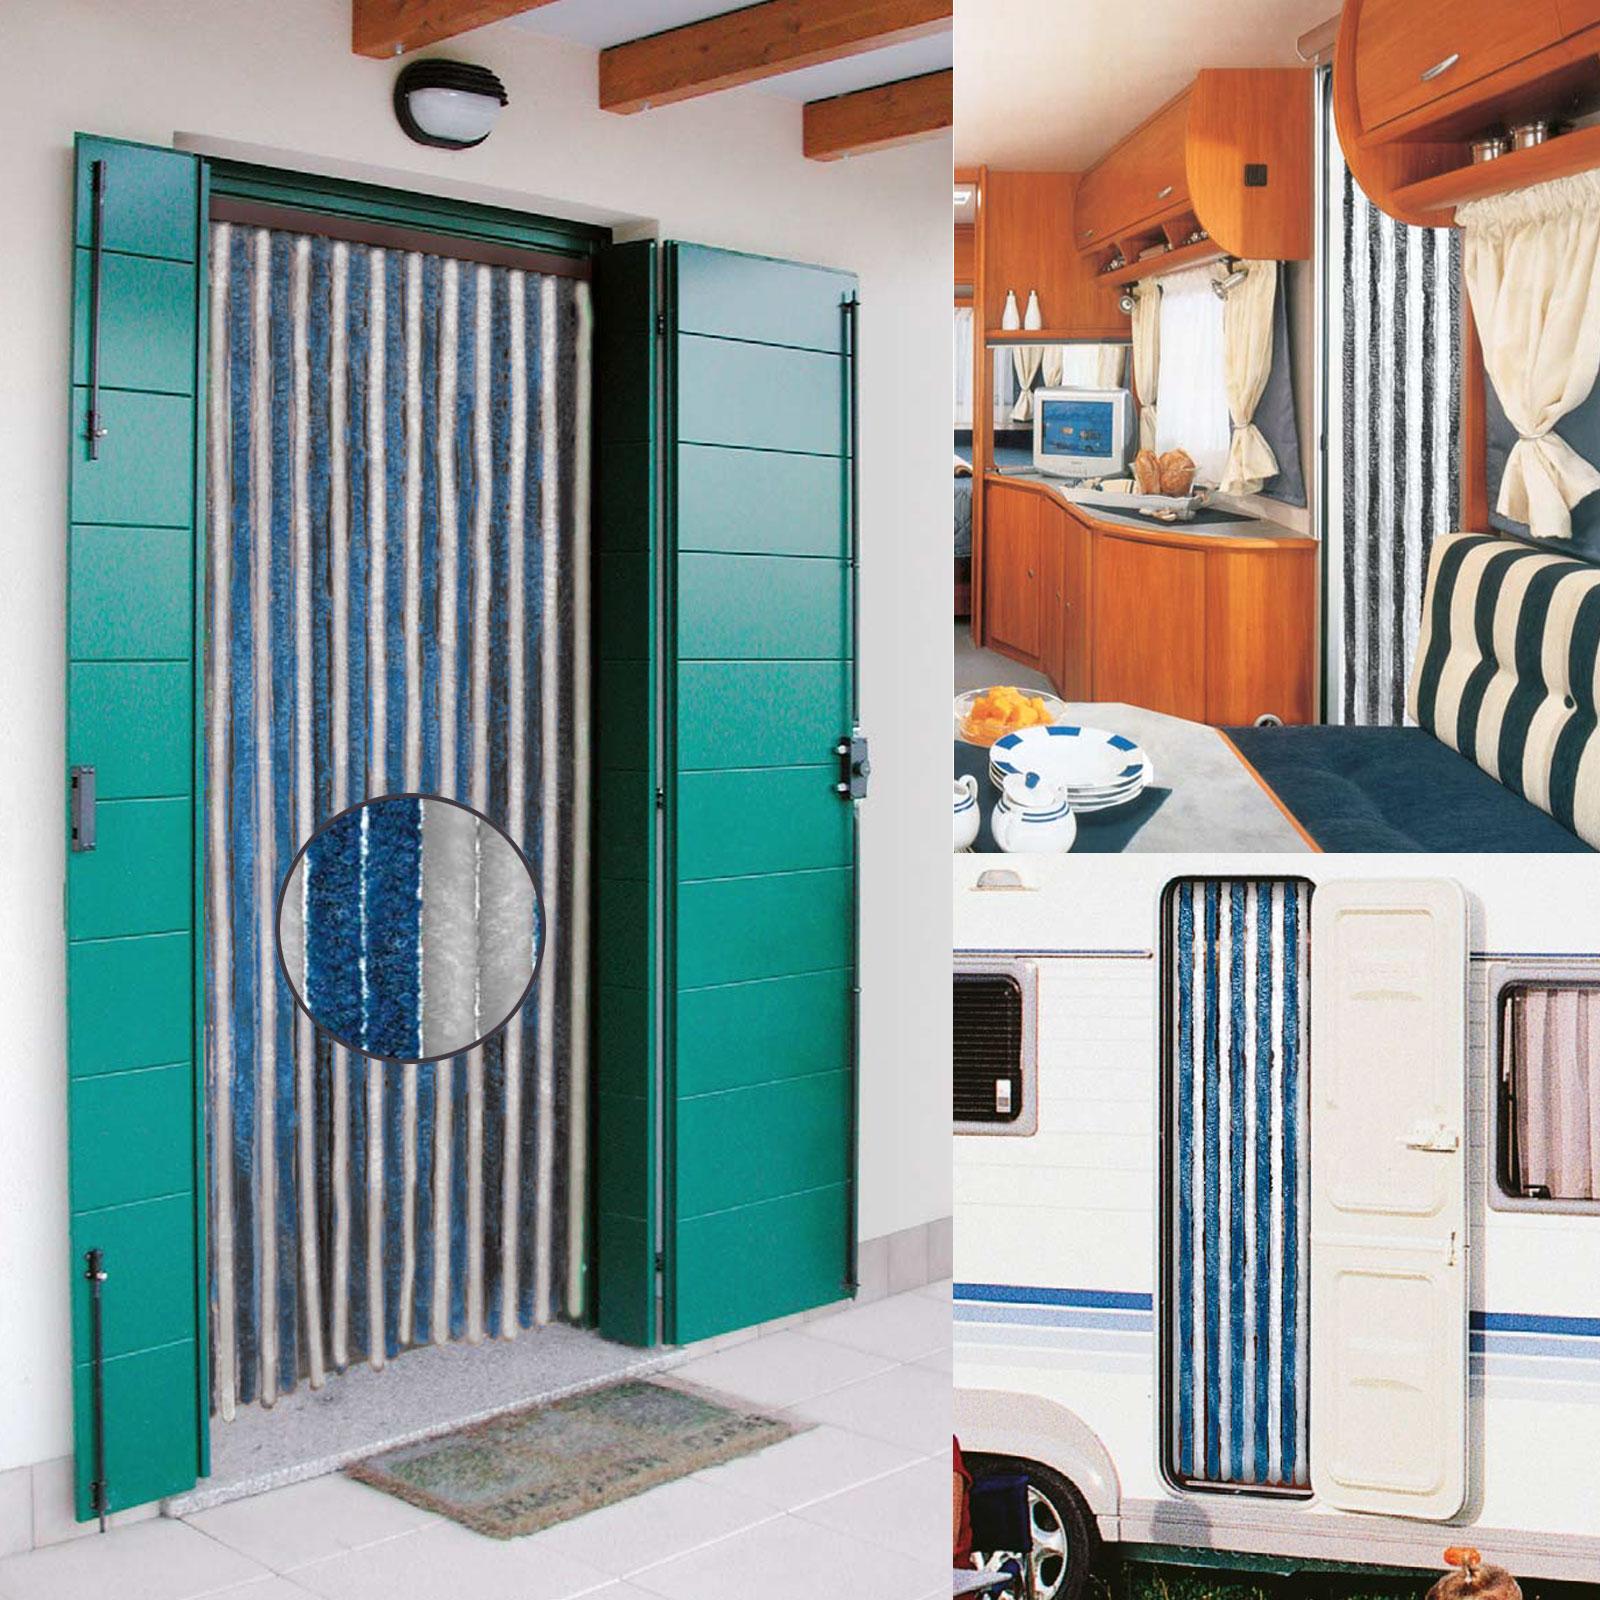 flauschvorhang 56x185cm grau blau propylen t rvorhang. Black Bedroom Furniture Sets. Home Design Ideas